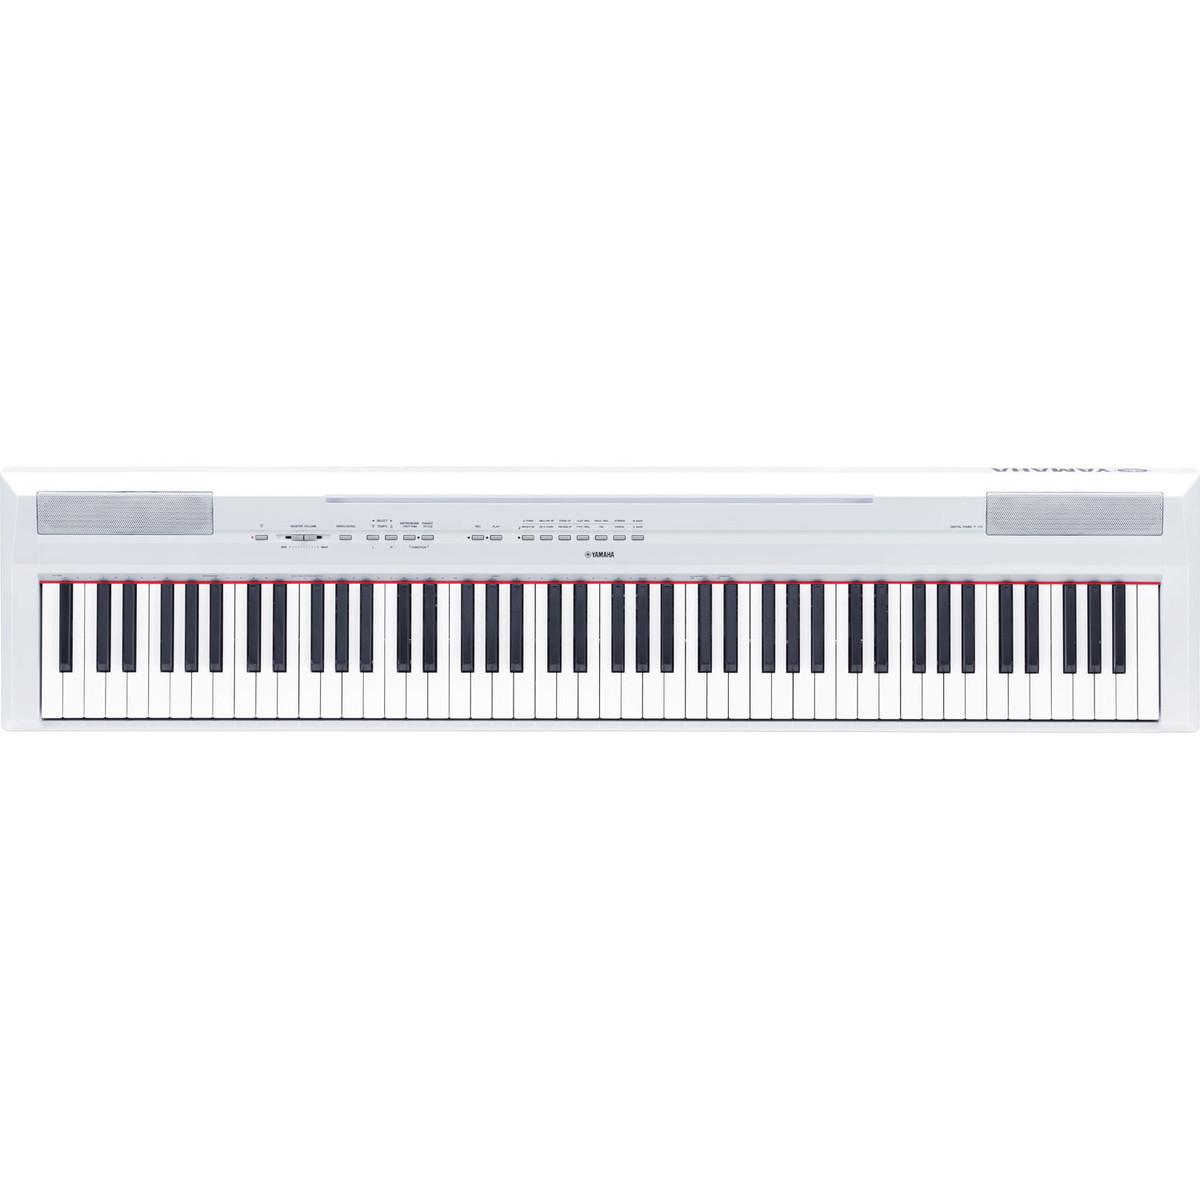 Yamaha p115 digital piano white nearly new at for Digital piano keyboard yamaha